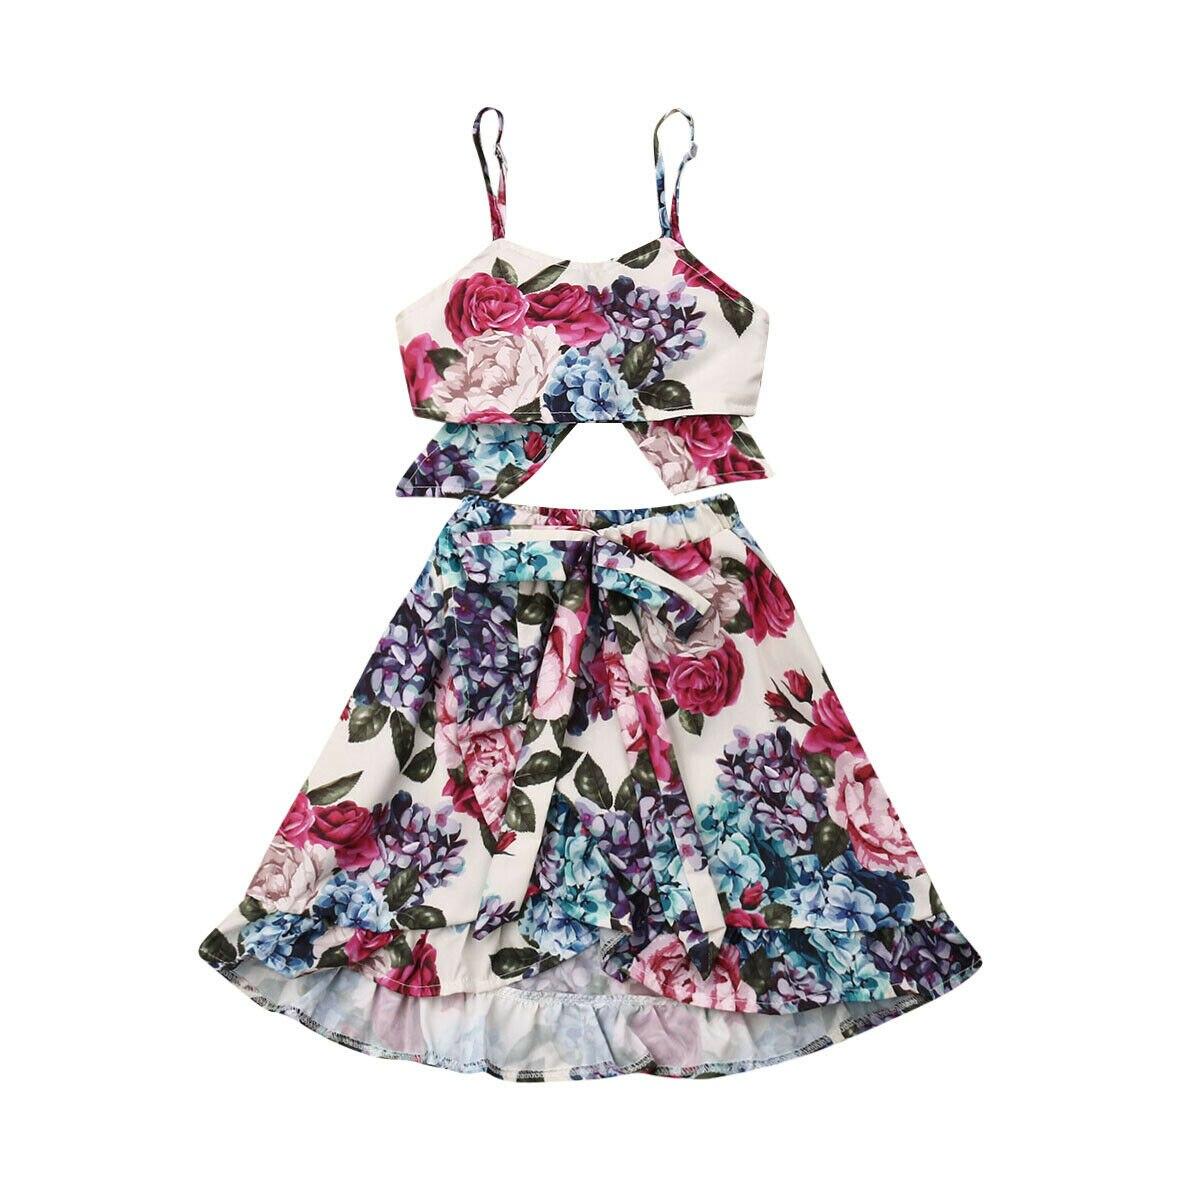 1-6y Sommer Kleinkind Kinder Baby Mädchen Floral Strap Crop Tops Lange Rock Bowknot 2 Pcs Outfits Prinzessin Mädchen Boho Kleidung Set Online Shop